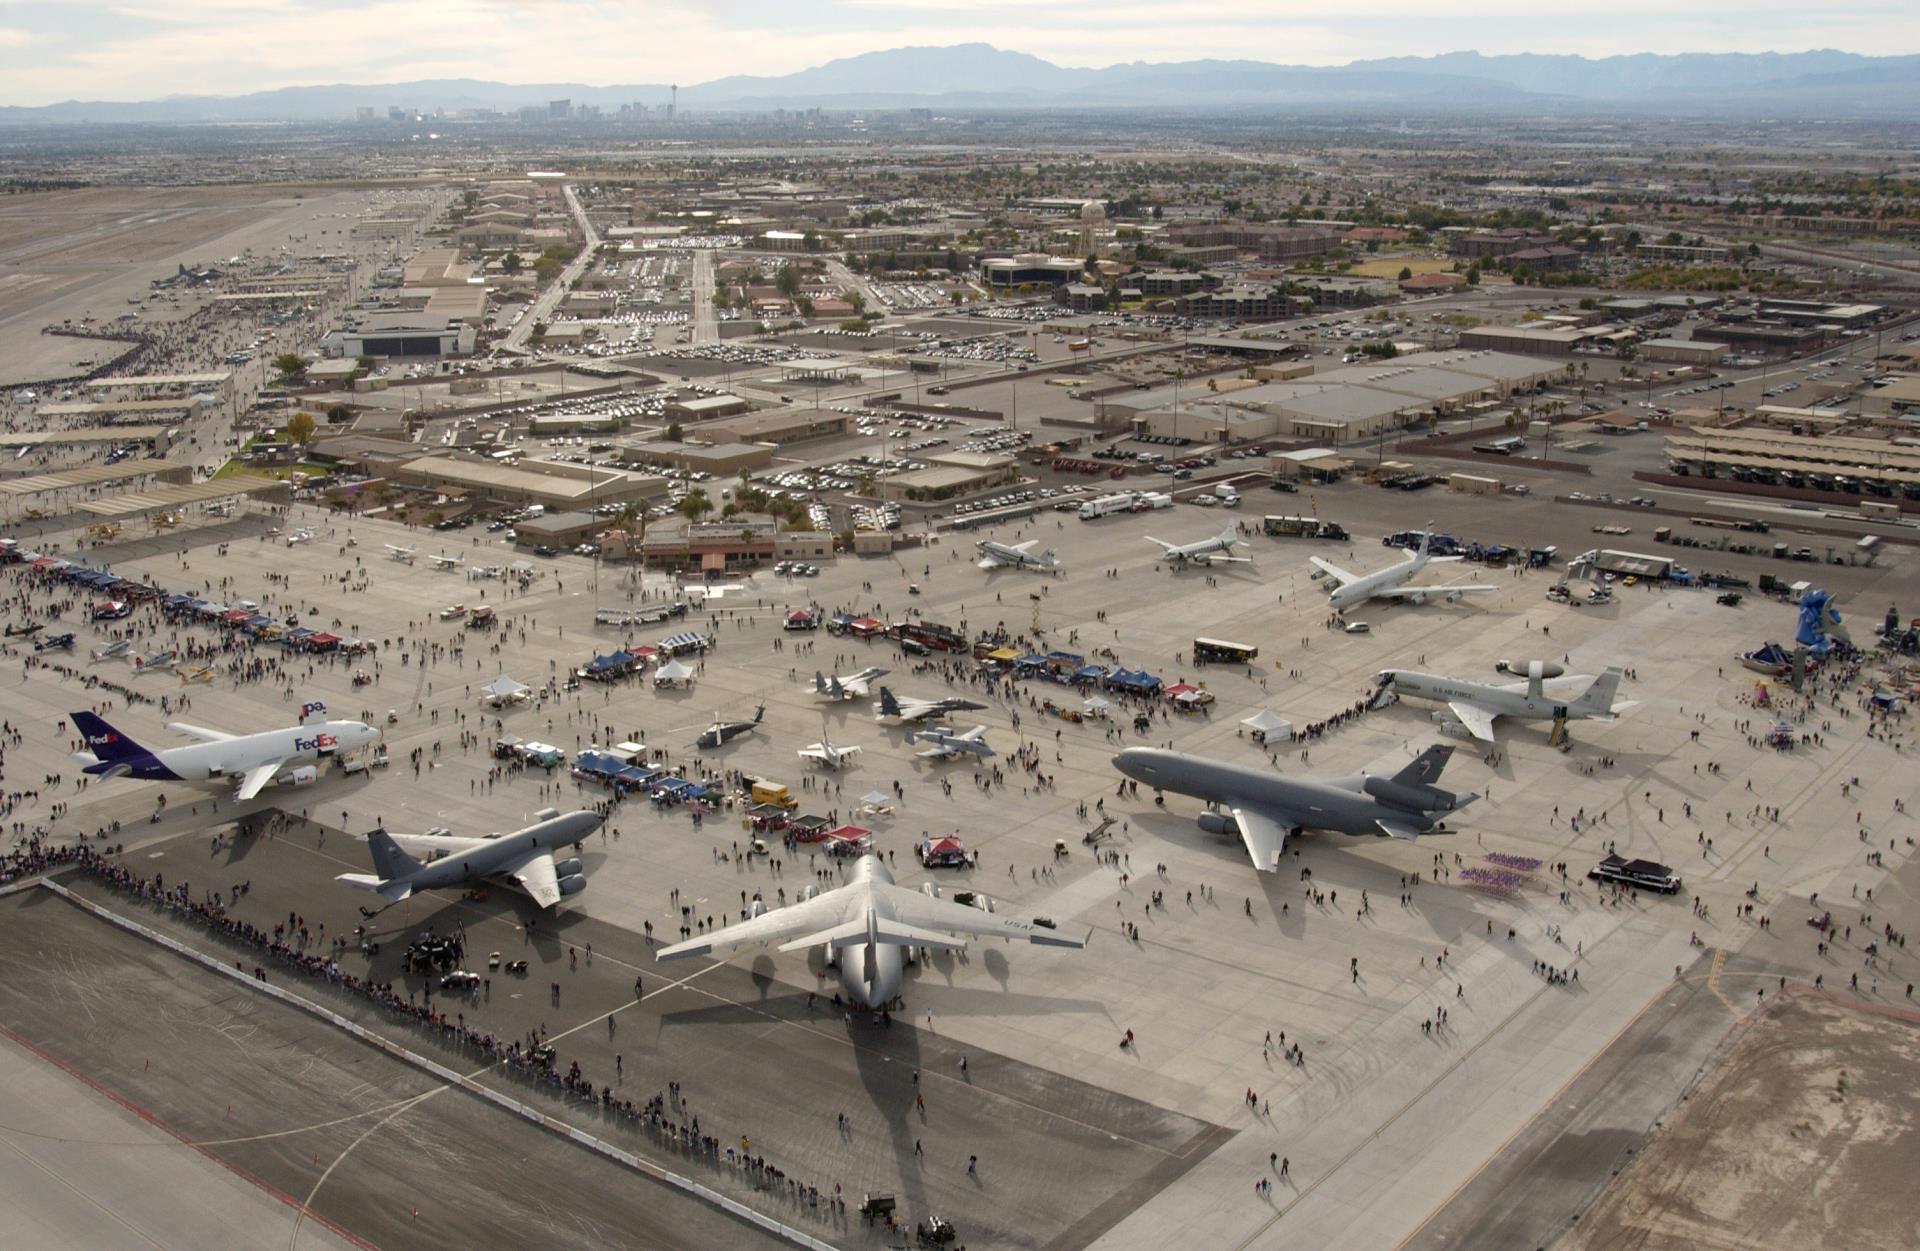 Airshow_Nellis_AFB